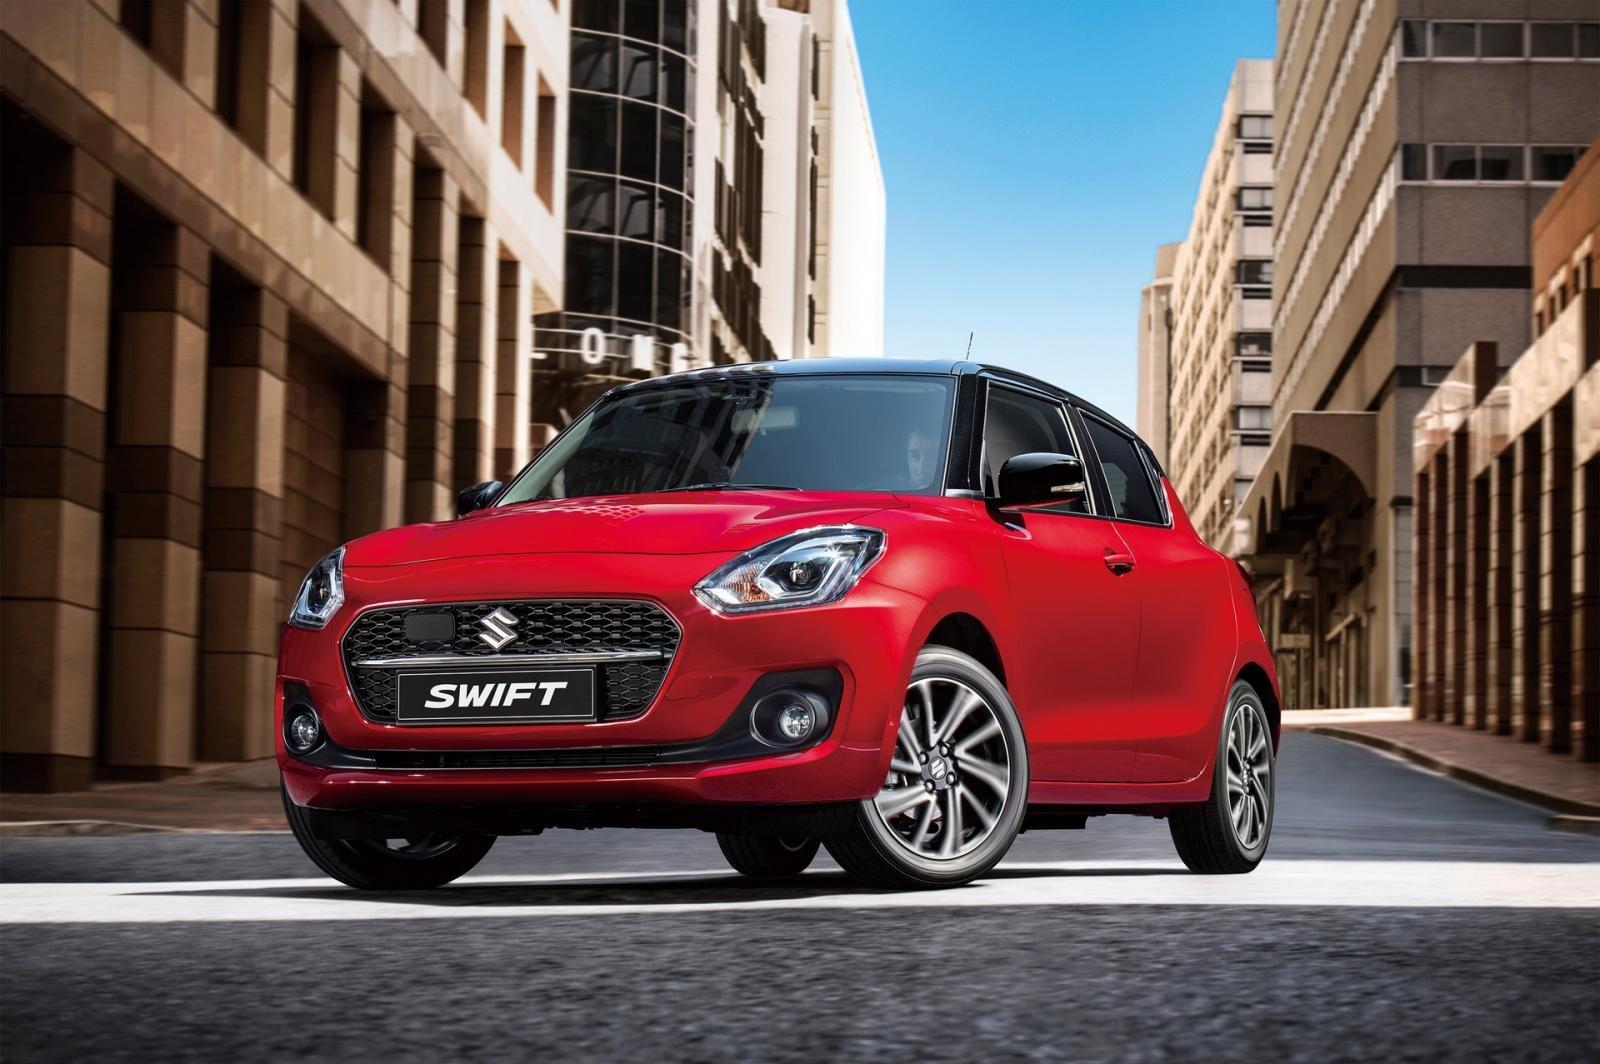 Suzuki Swift 2021 nâng cấp giữa vòng đời.